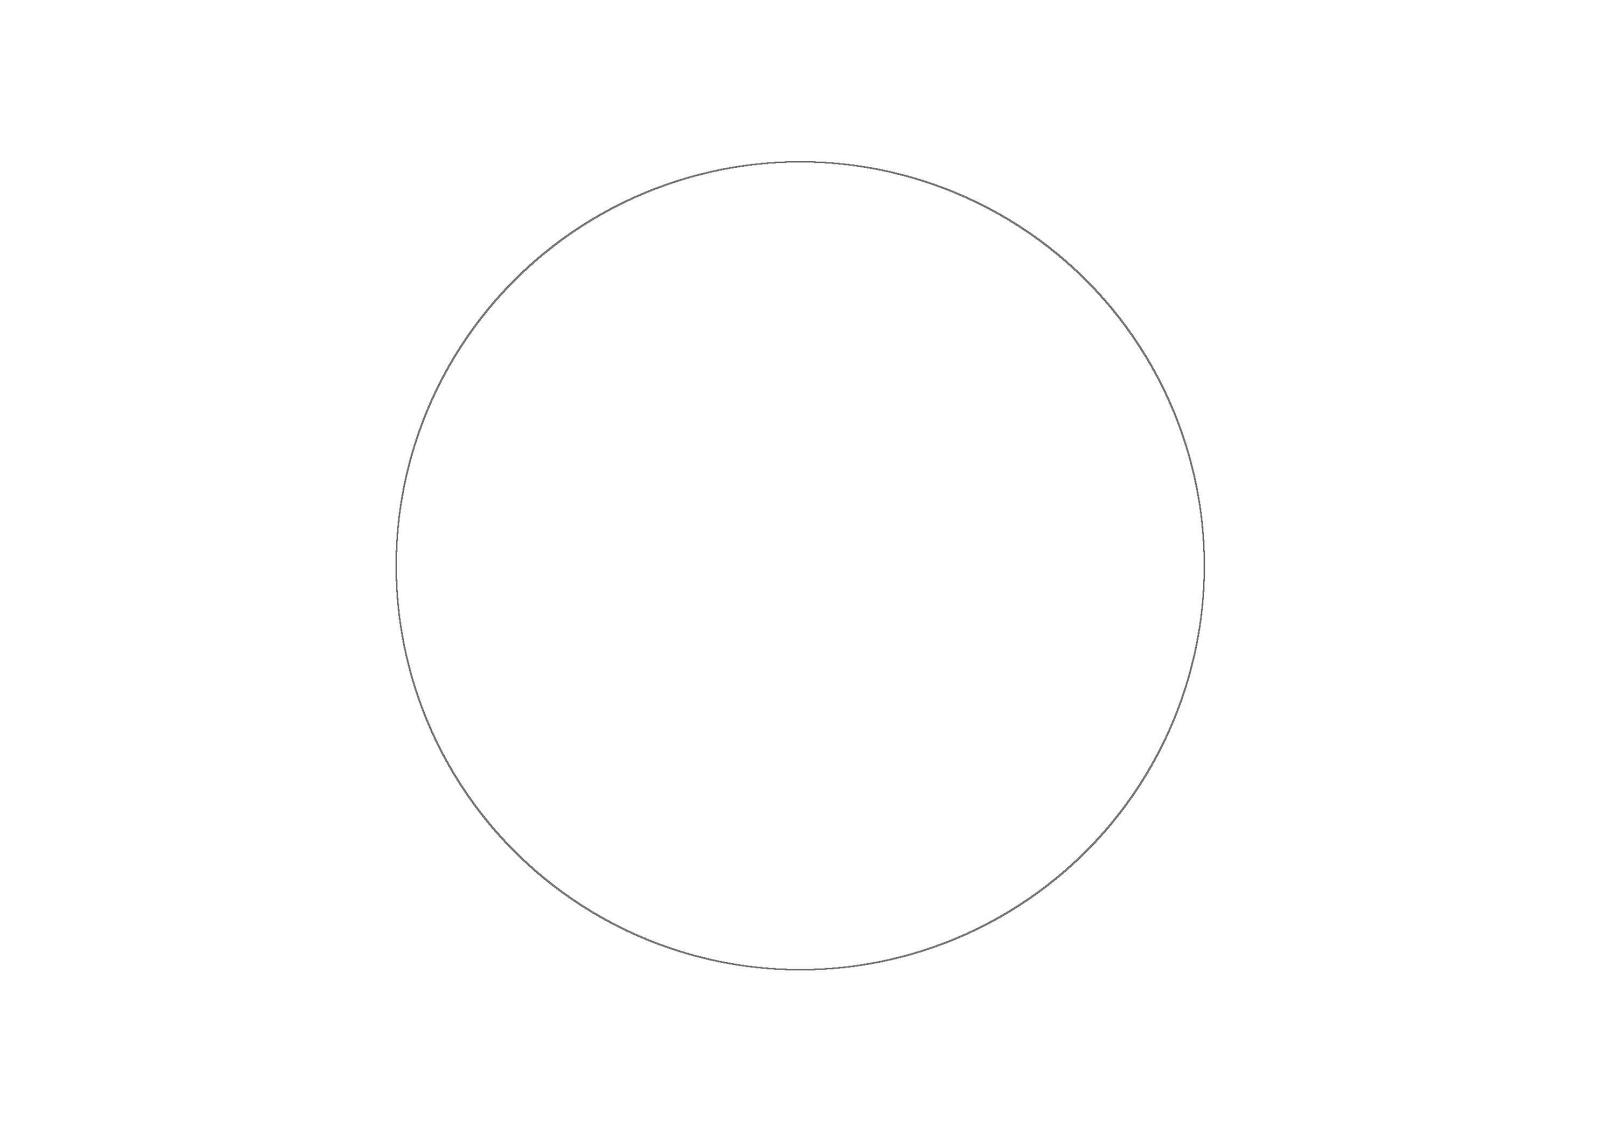 Costruzione geometrica dell uovo eklektikastore for Disegno del piano di costruzione